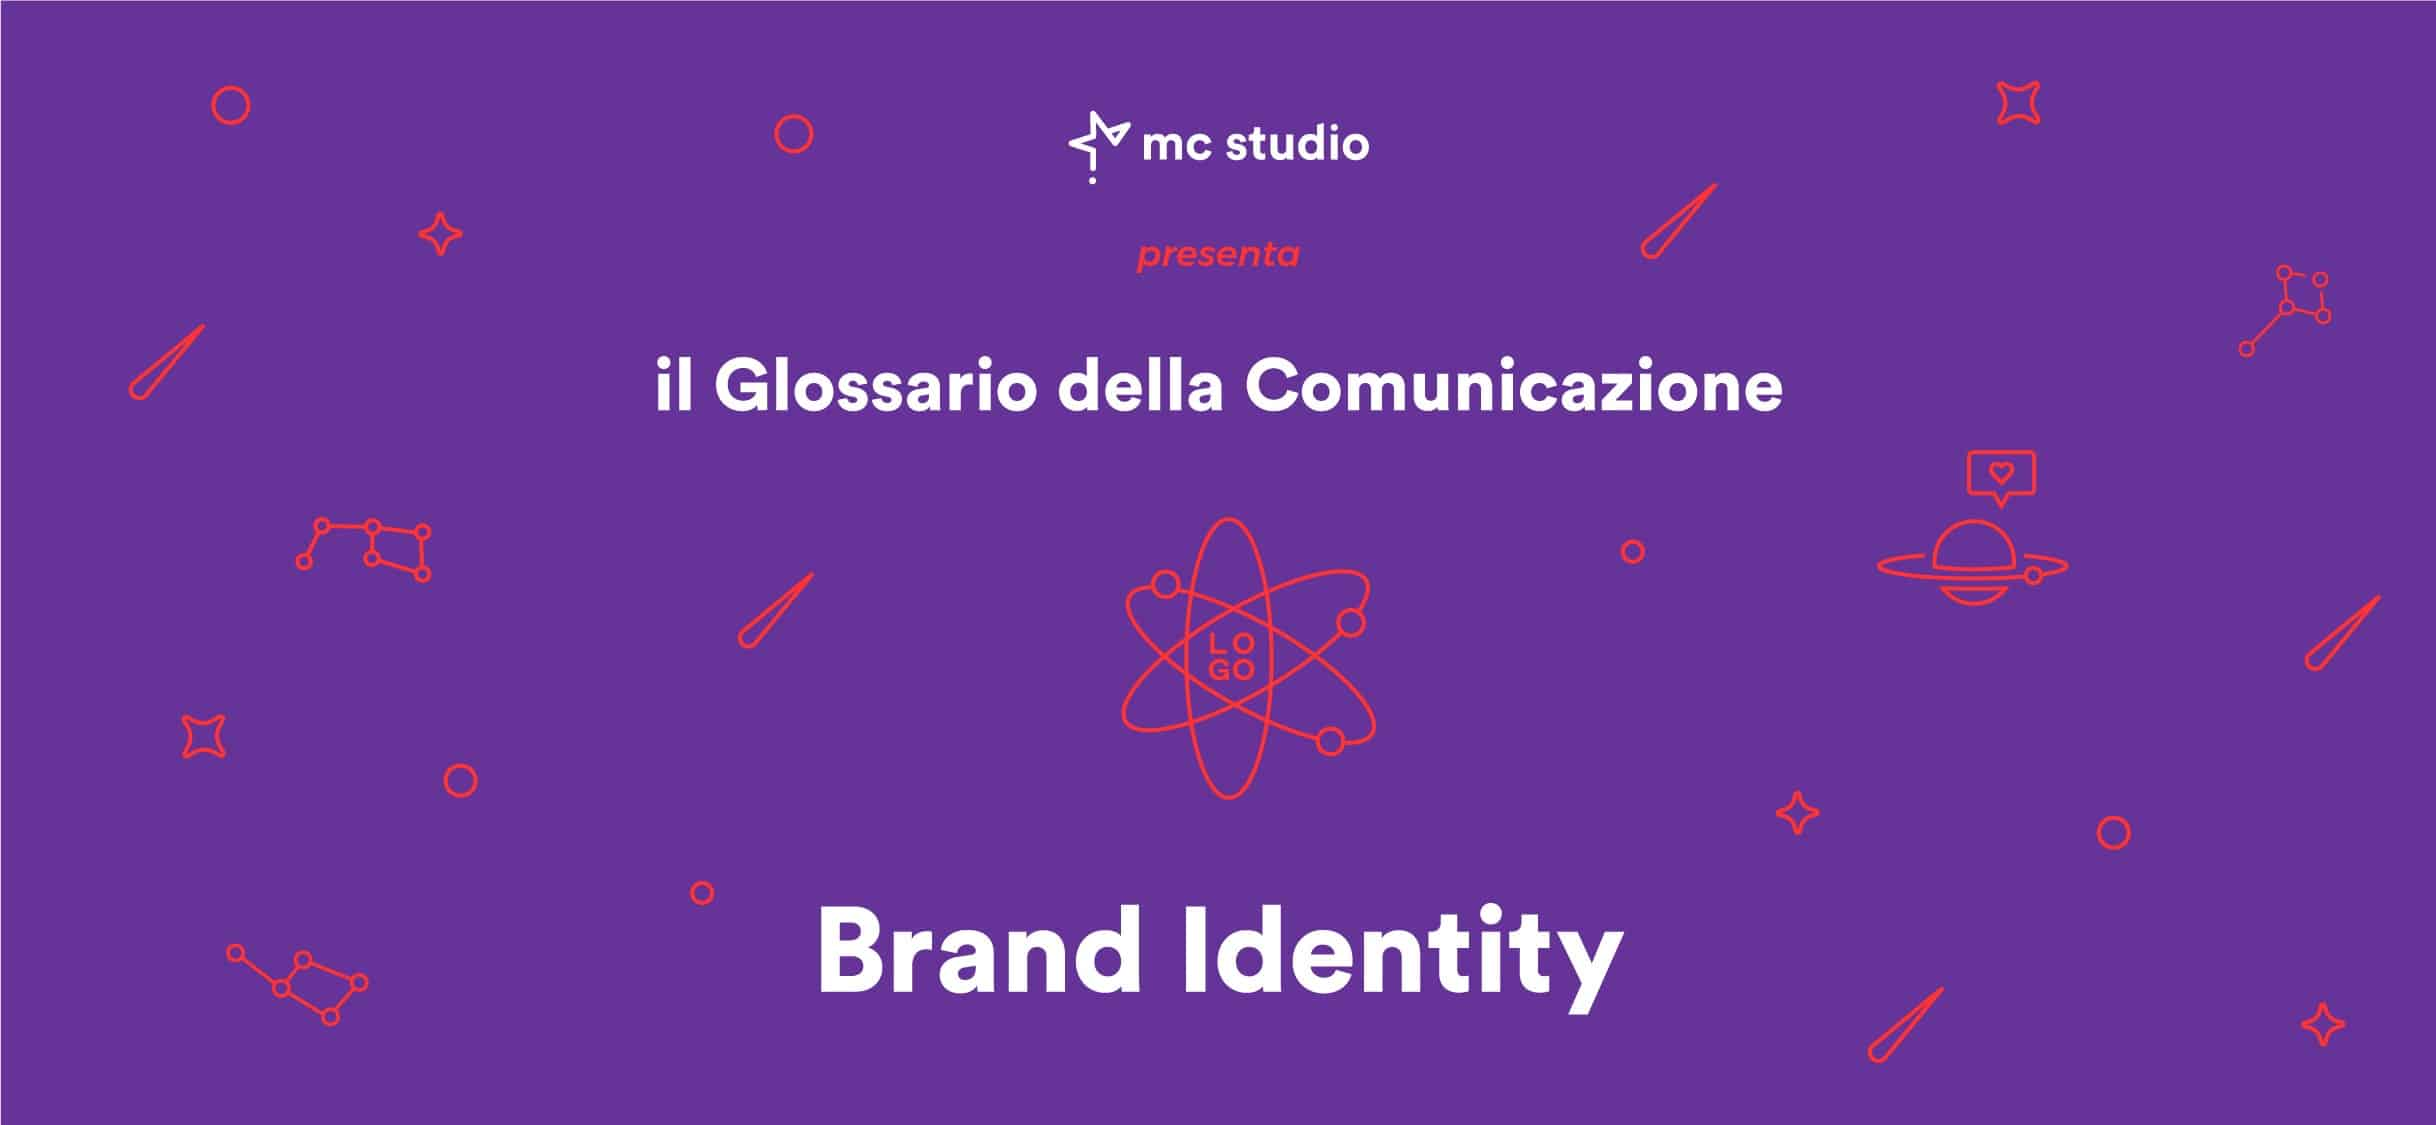 Brand Identity Glossario della Comunicazione